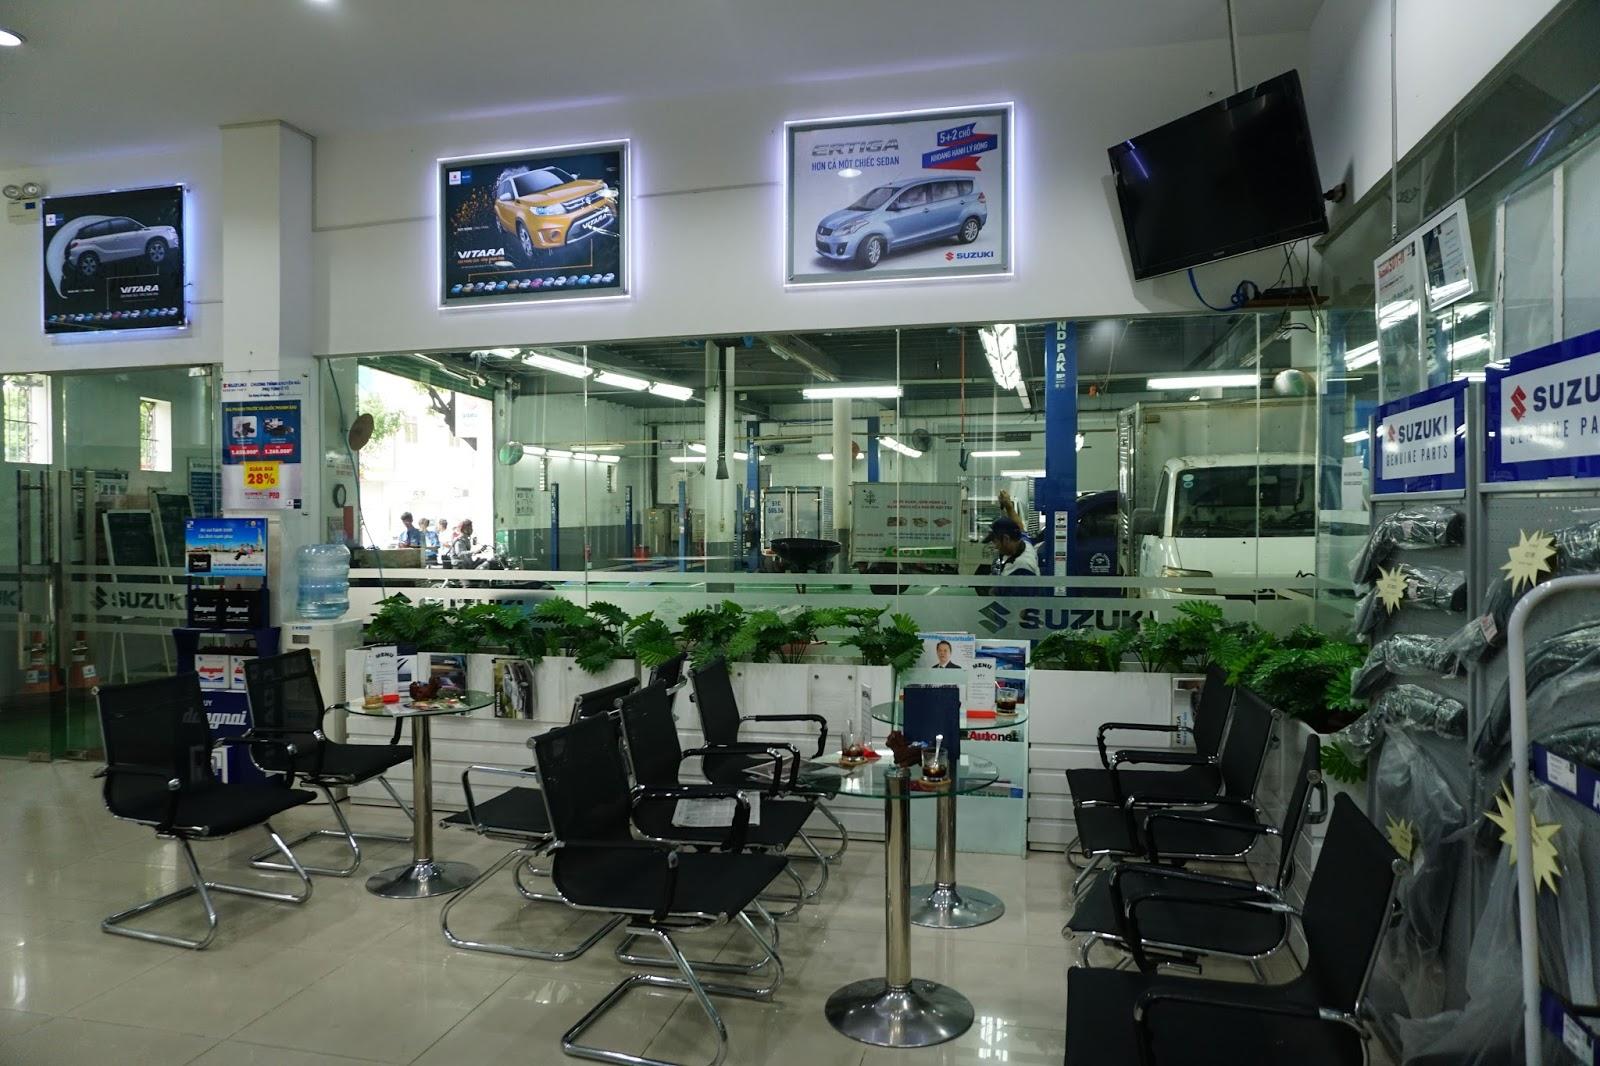 Khách hàng sẽ được tư vấn, chăm sóc tận tình tại đây bởi nhân viên Suzuki World